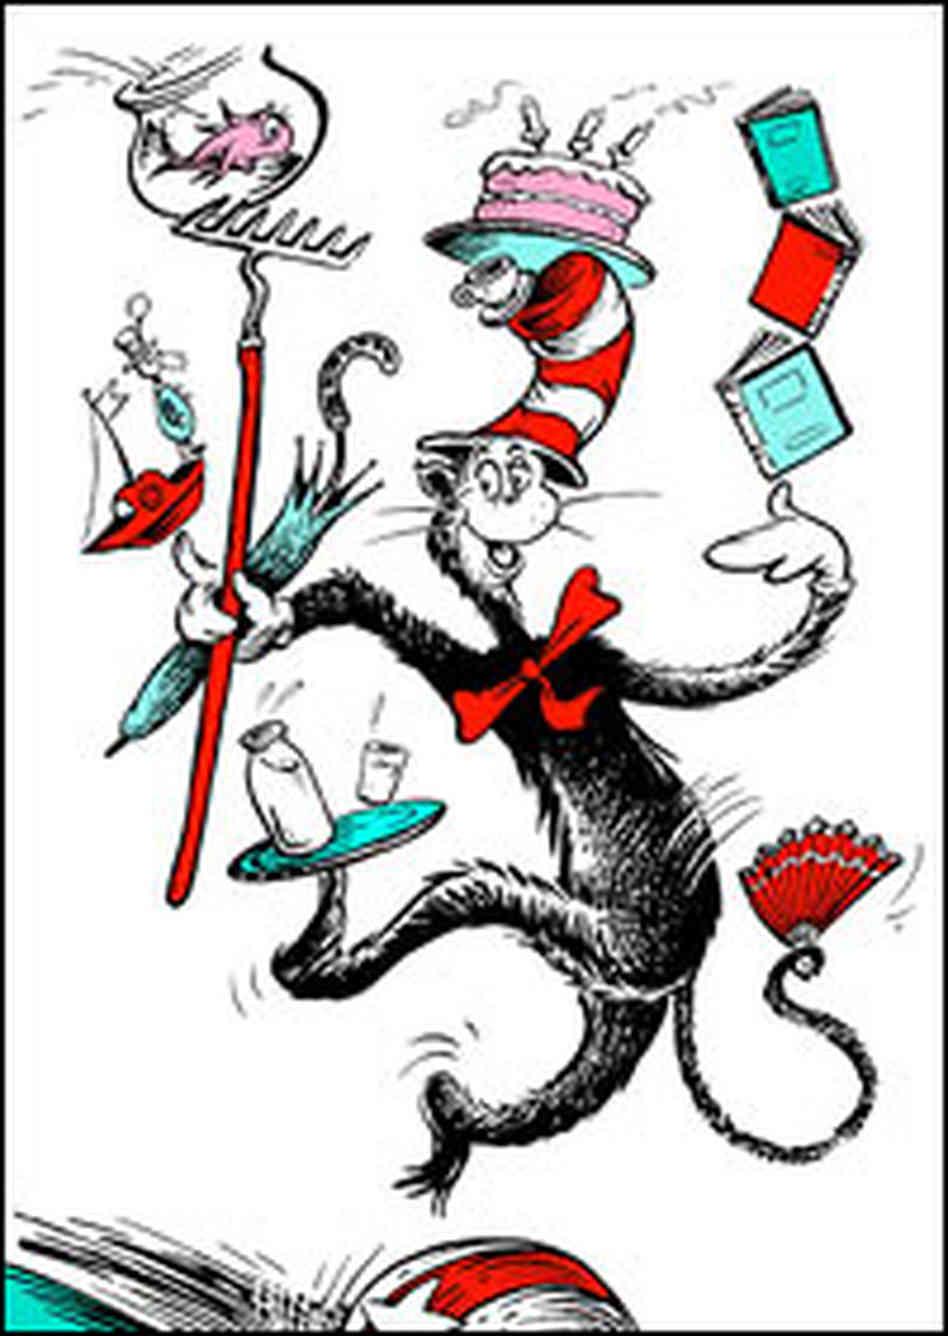 Dr Seuss Cat In The Hat Clip Art Free - ClipArt Best  |Dr Seuss Clip Art